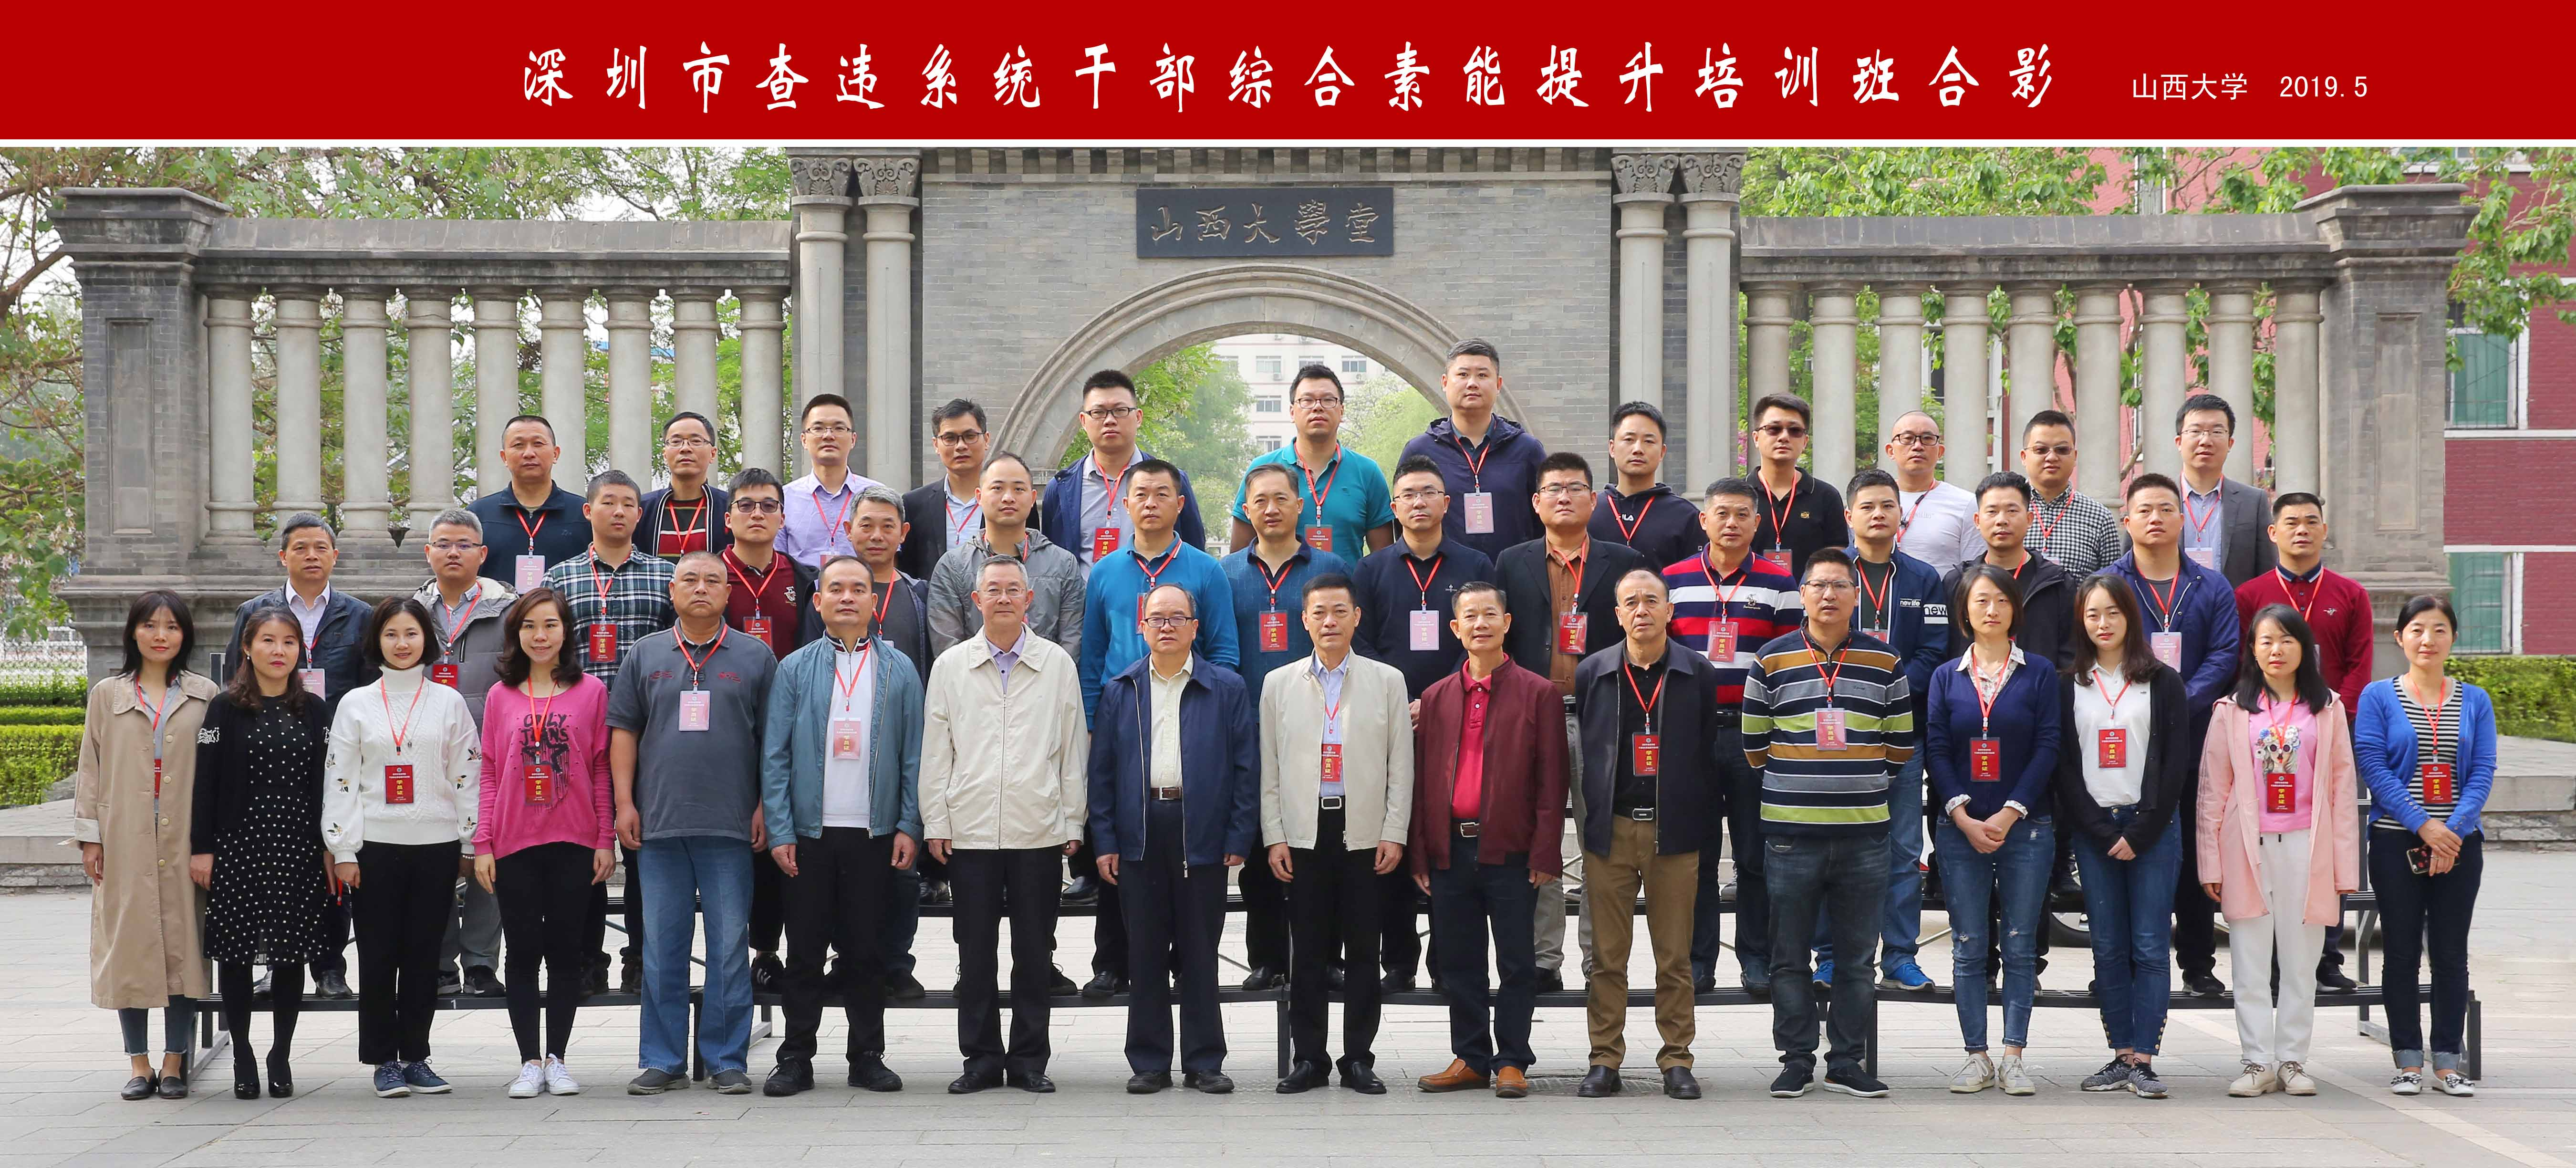 学院成功举办深圳市查违系统干部综合素能提升培训班